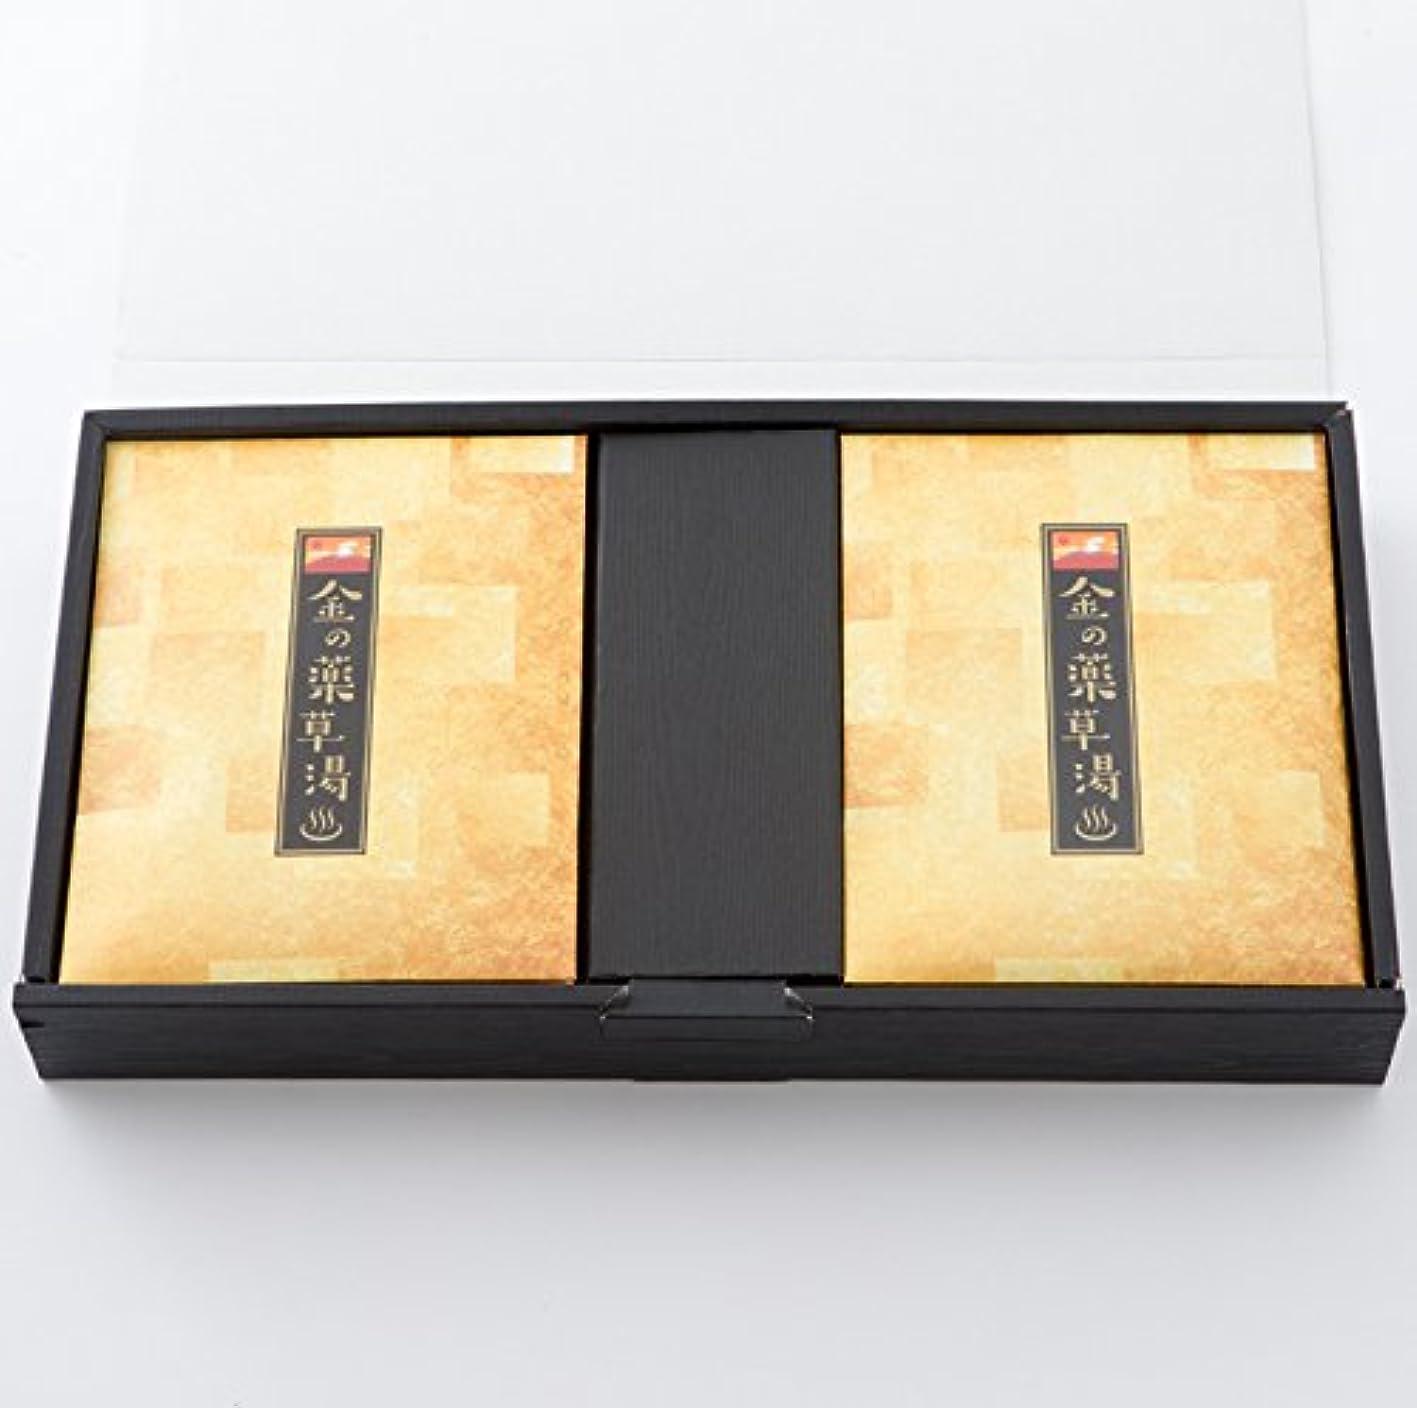 ご飯シュリンクフォアタイプ金の薬草湯ギフト (8包入り)